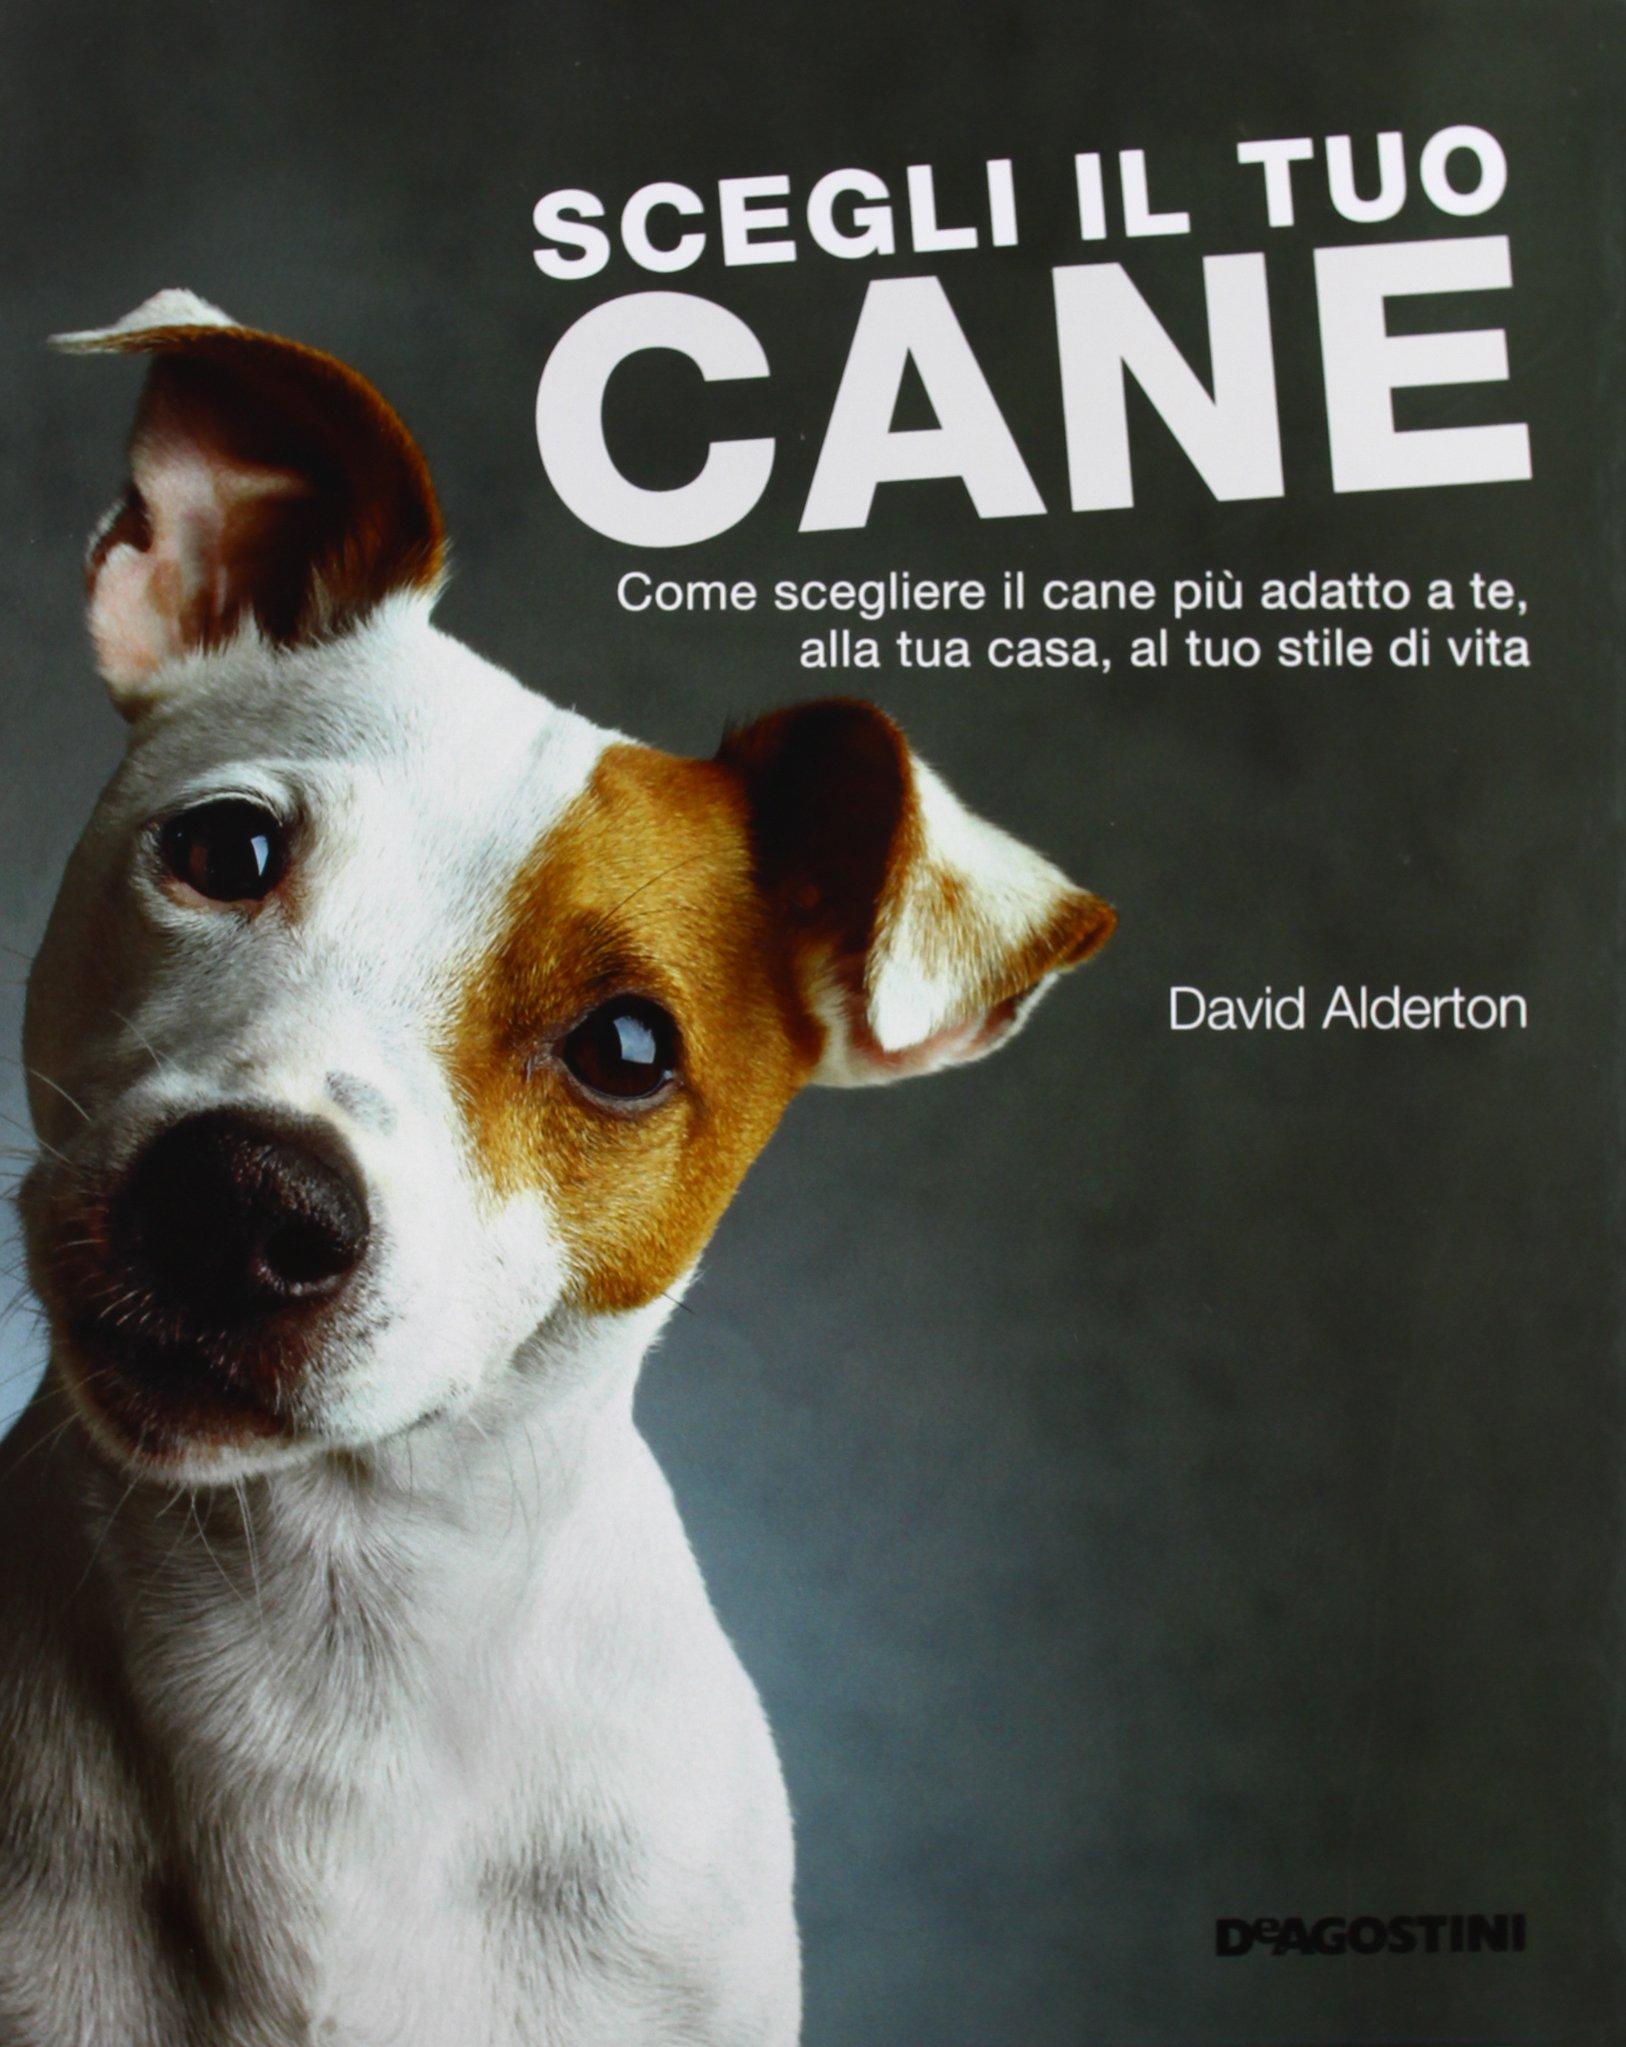 Scegli il tuo cane. Come scegliere il cane pi� adatto a te, alla tua casa, al tuo stile di vita